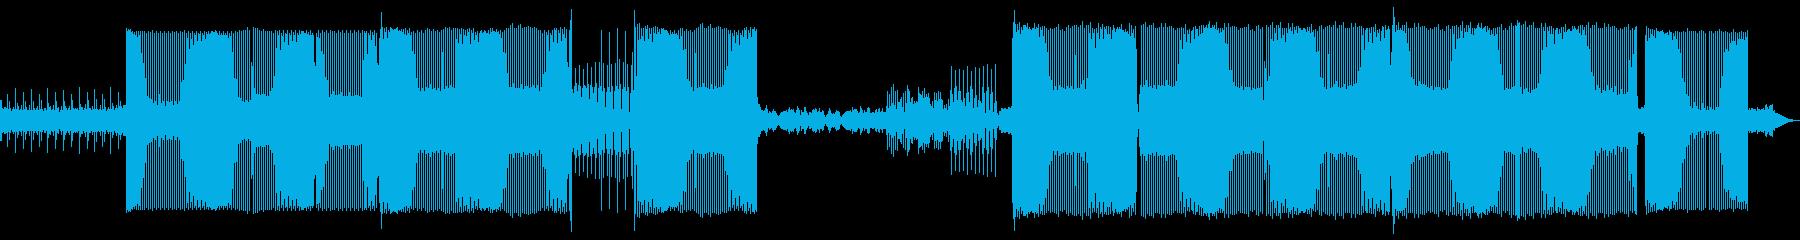 ハウスコマーシャルとファンク。の再生済みの波形